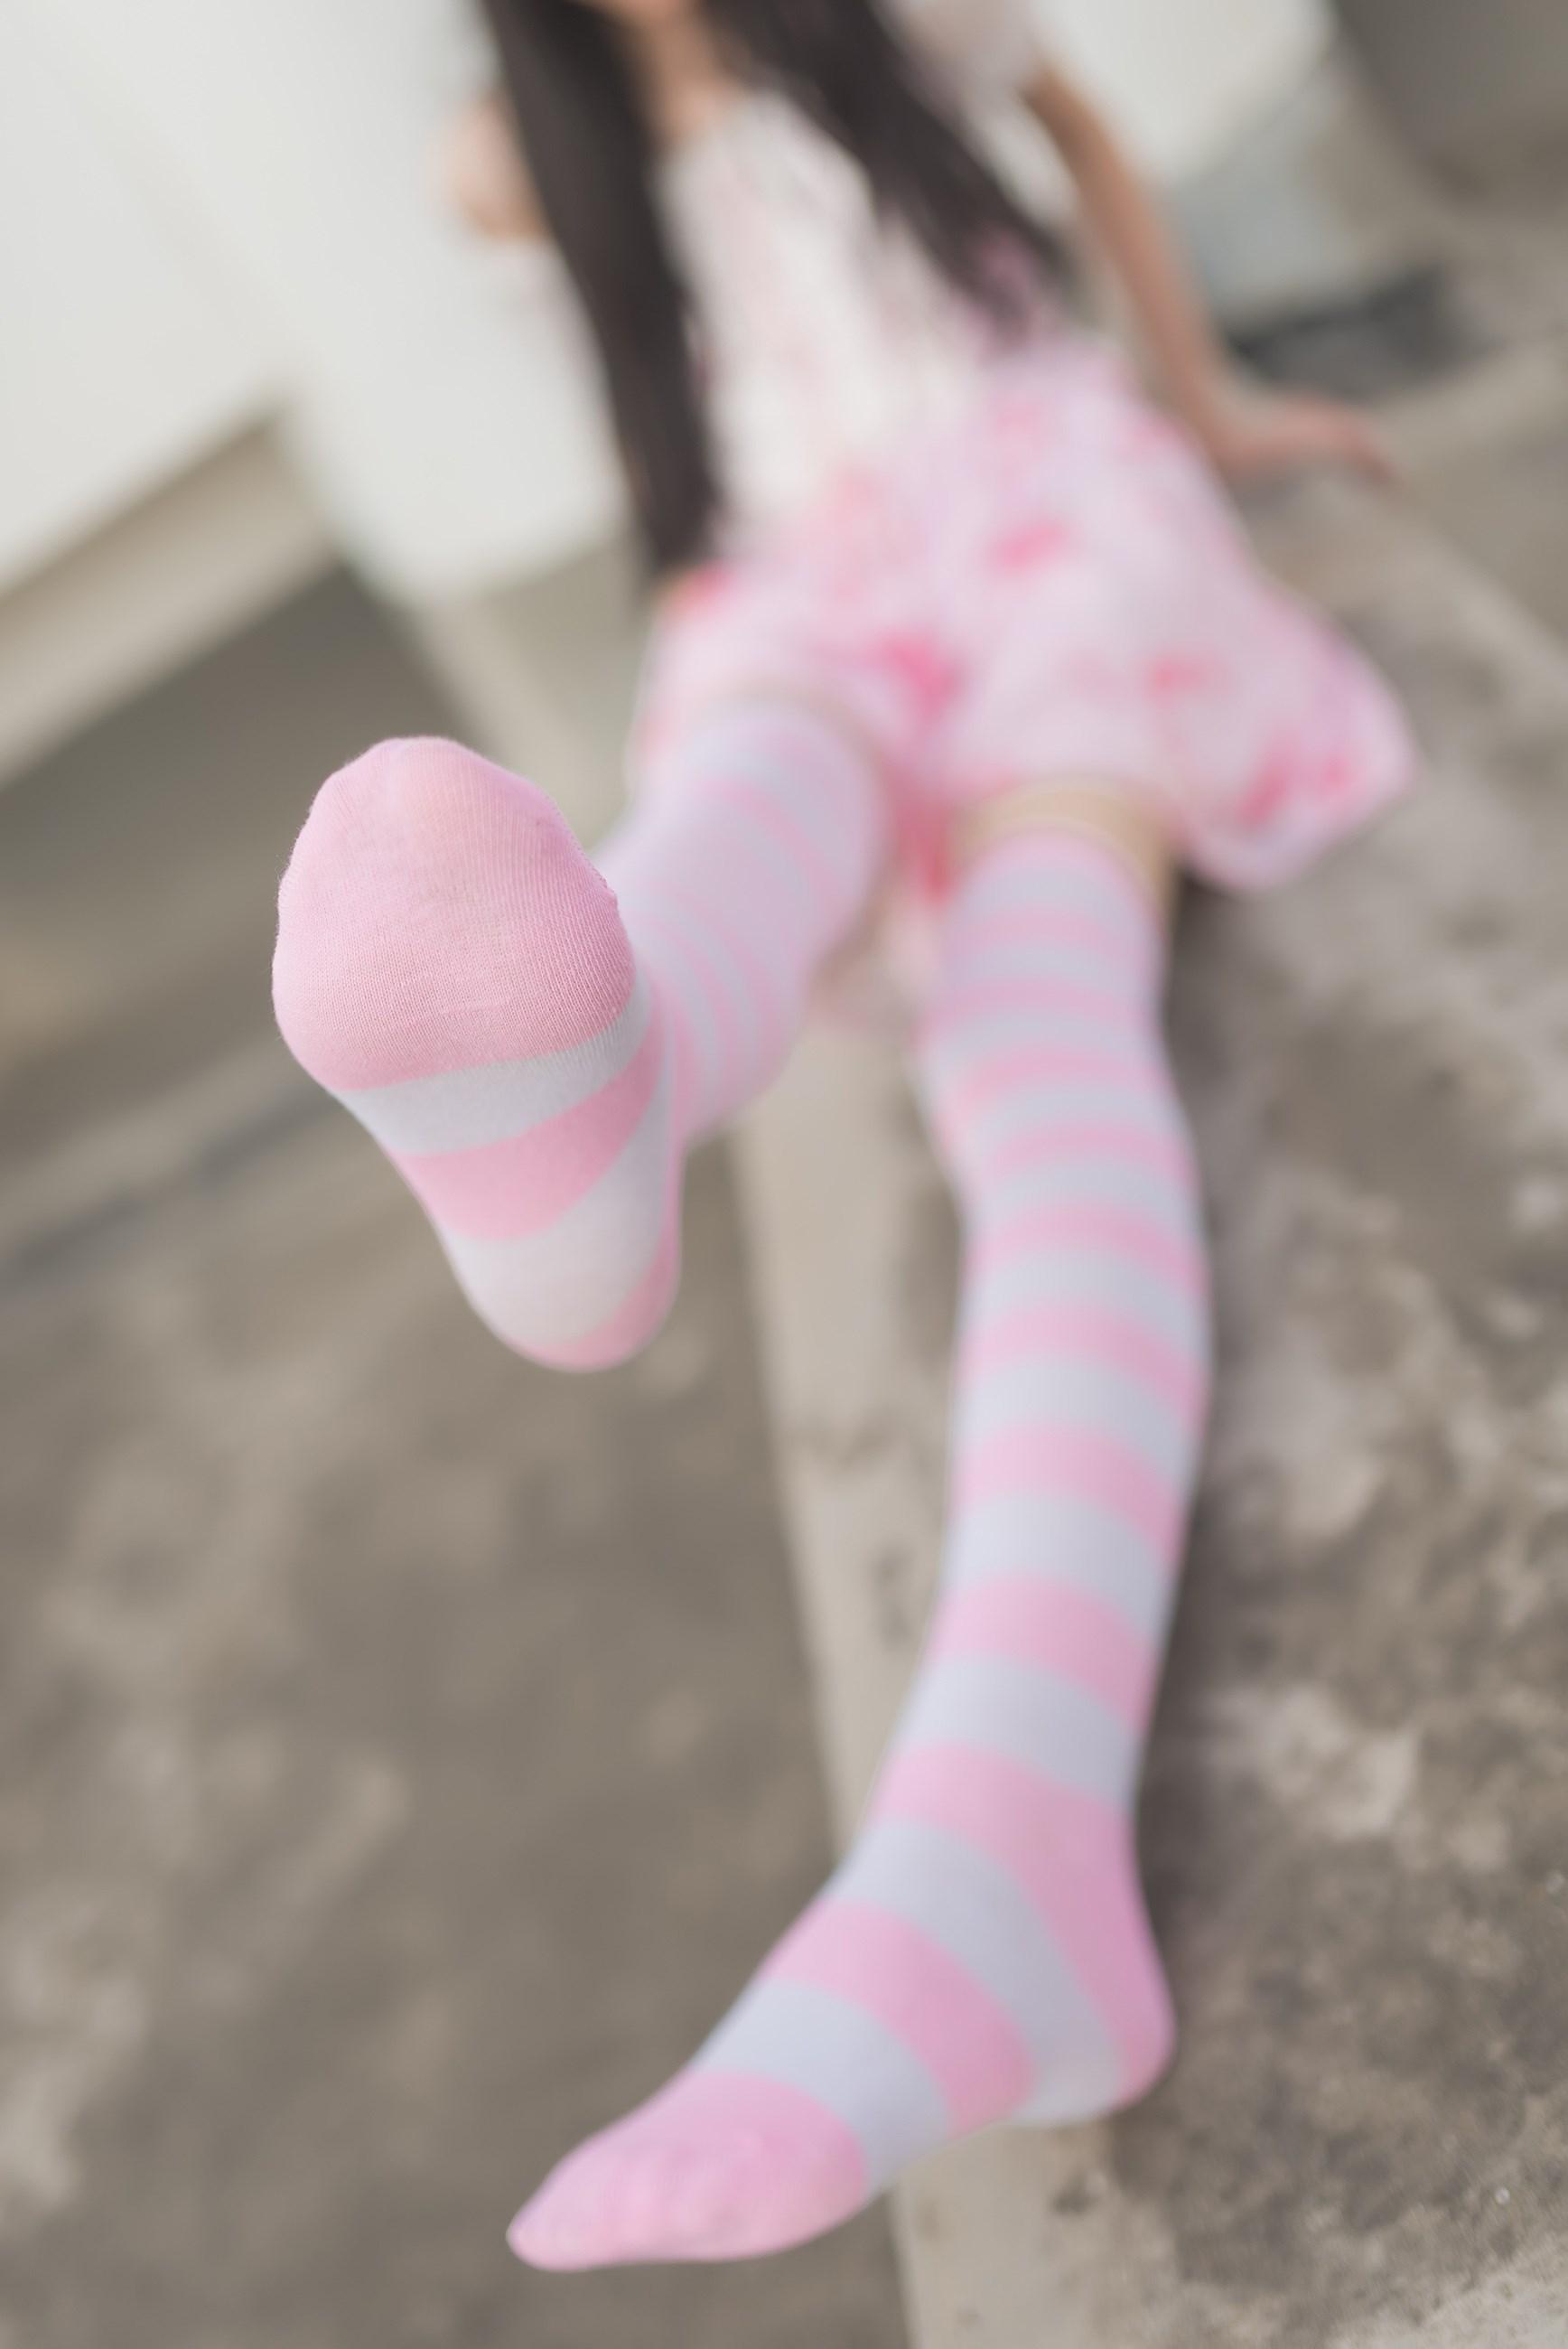 【兔玩映画】粉白条纹 兔玩映画 第3张